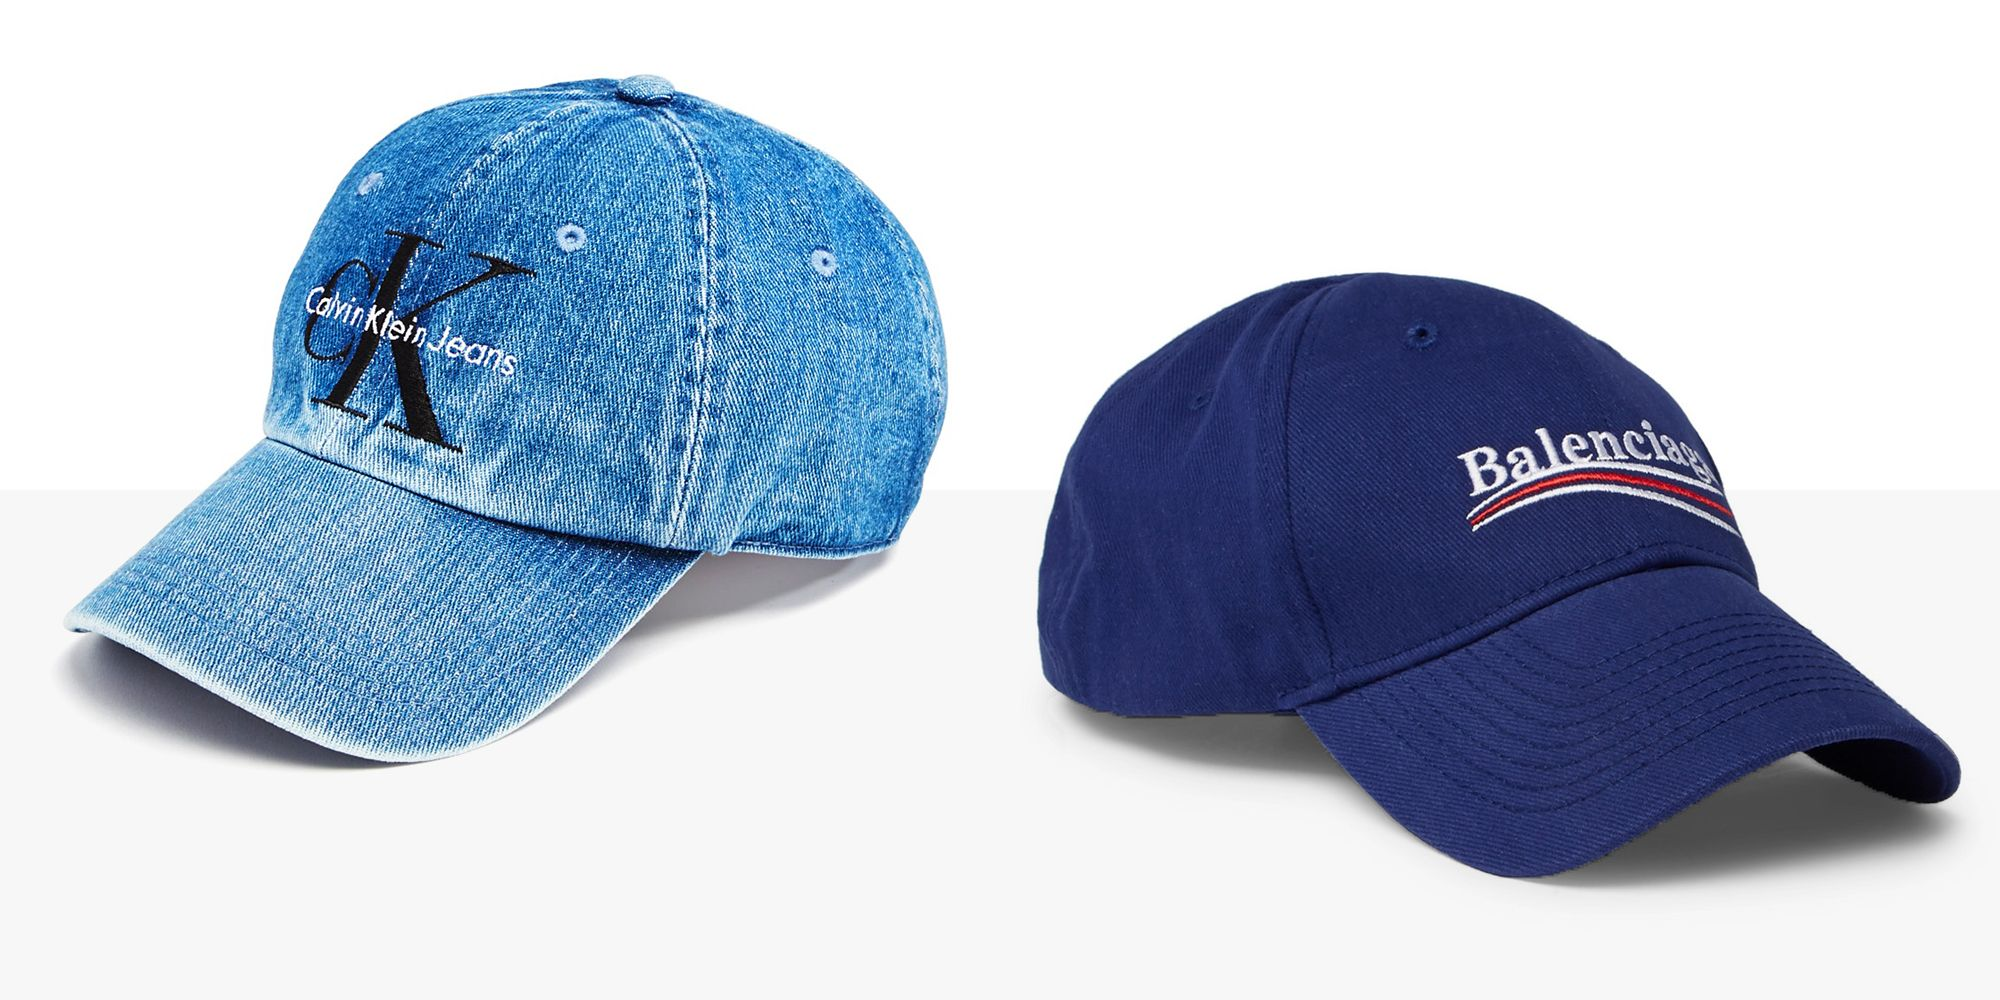 10 Best Baseball Caps for Men in 2018 - Cool Men s Baseball Hats 345630b4a38